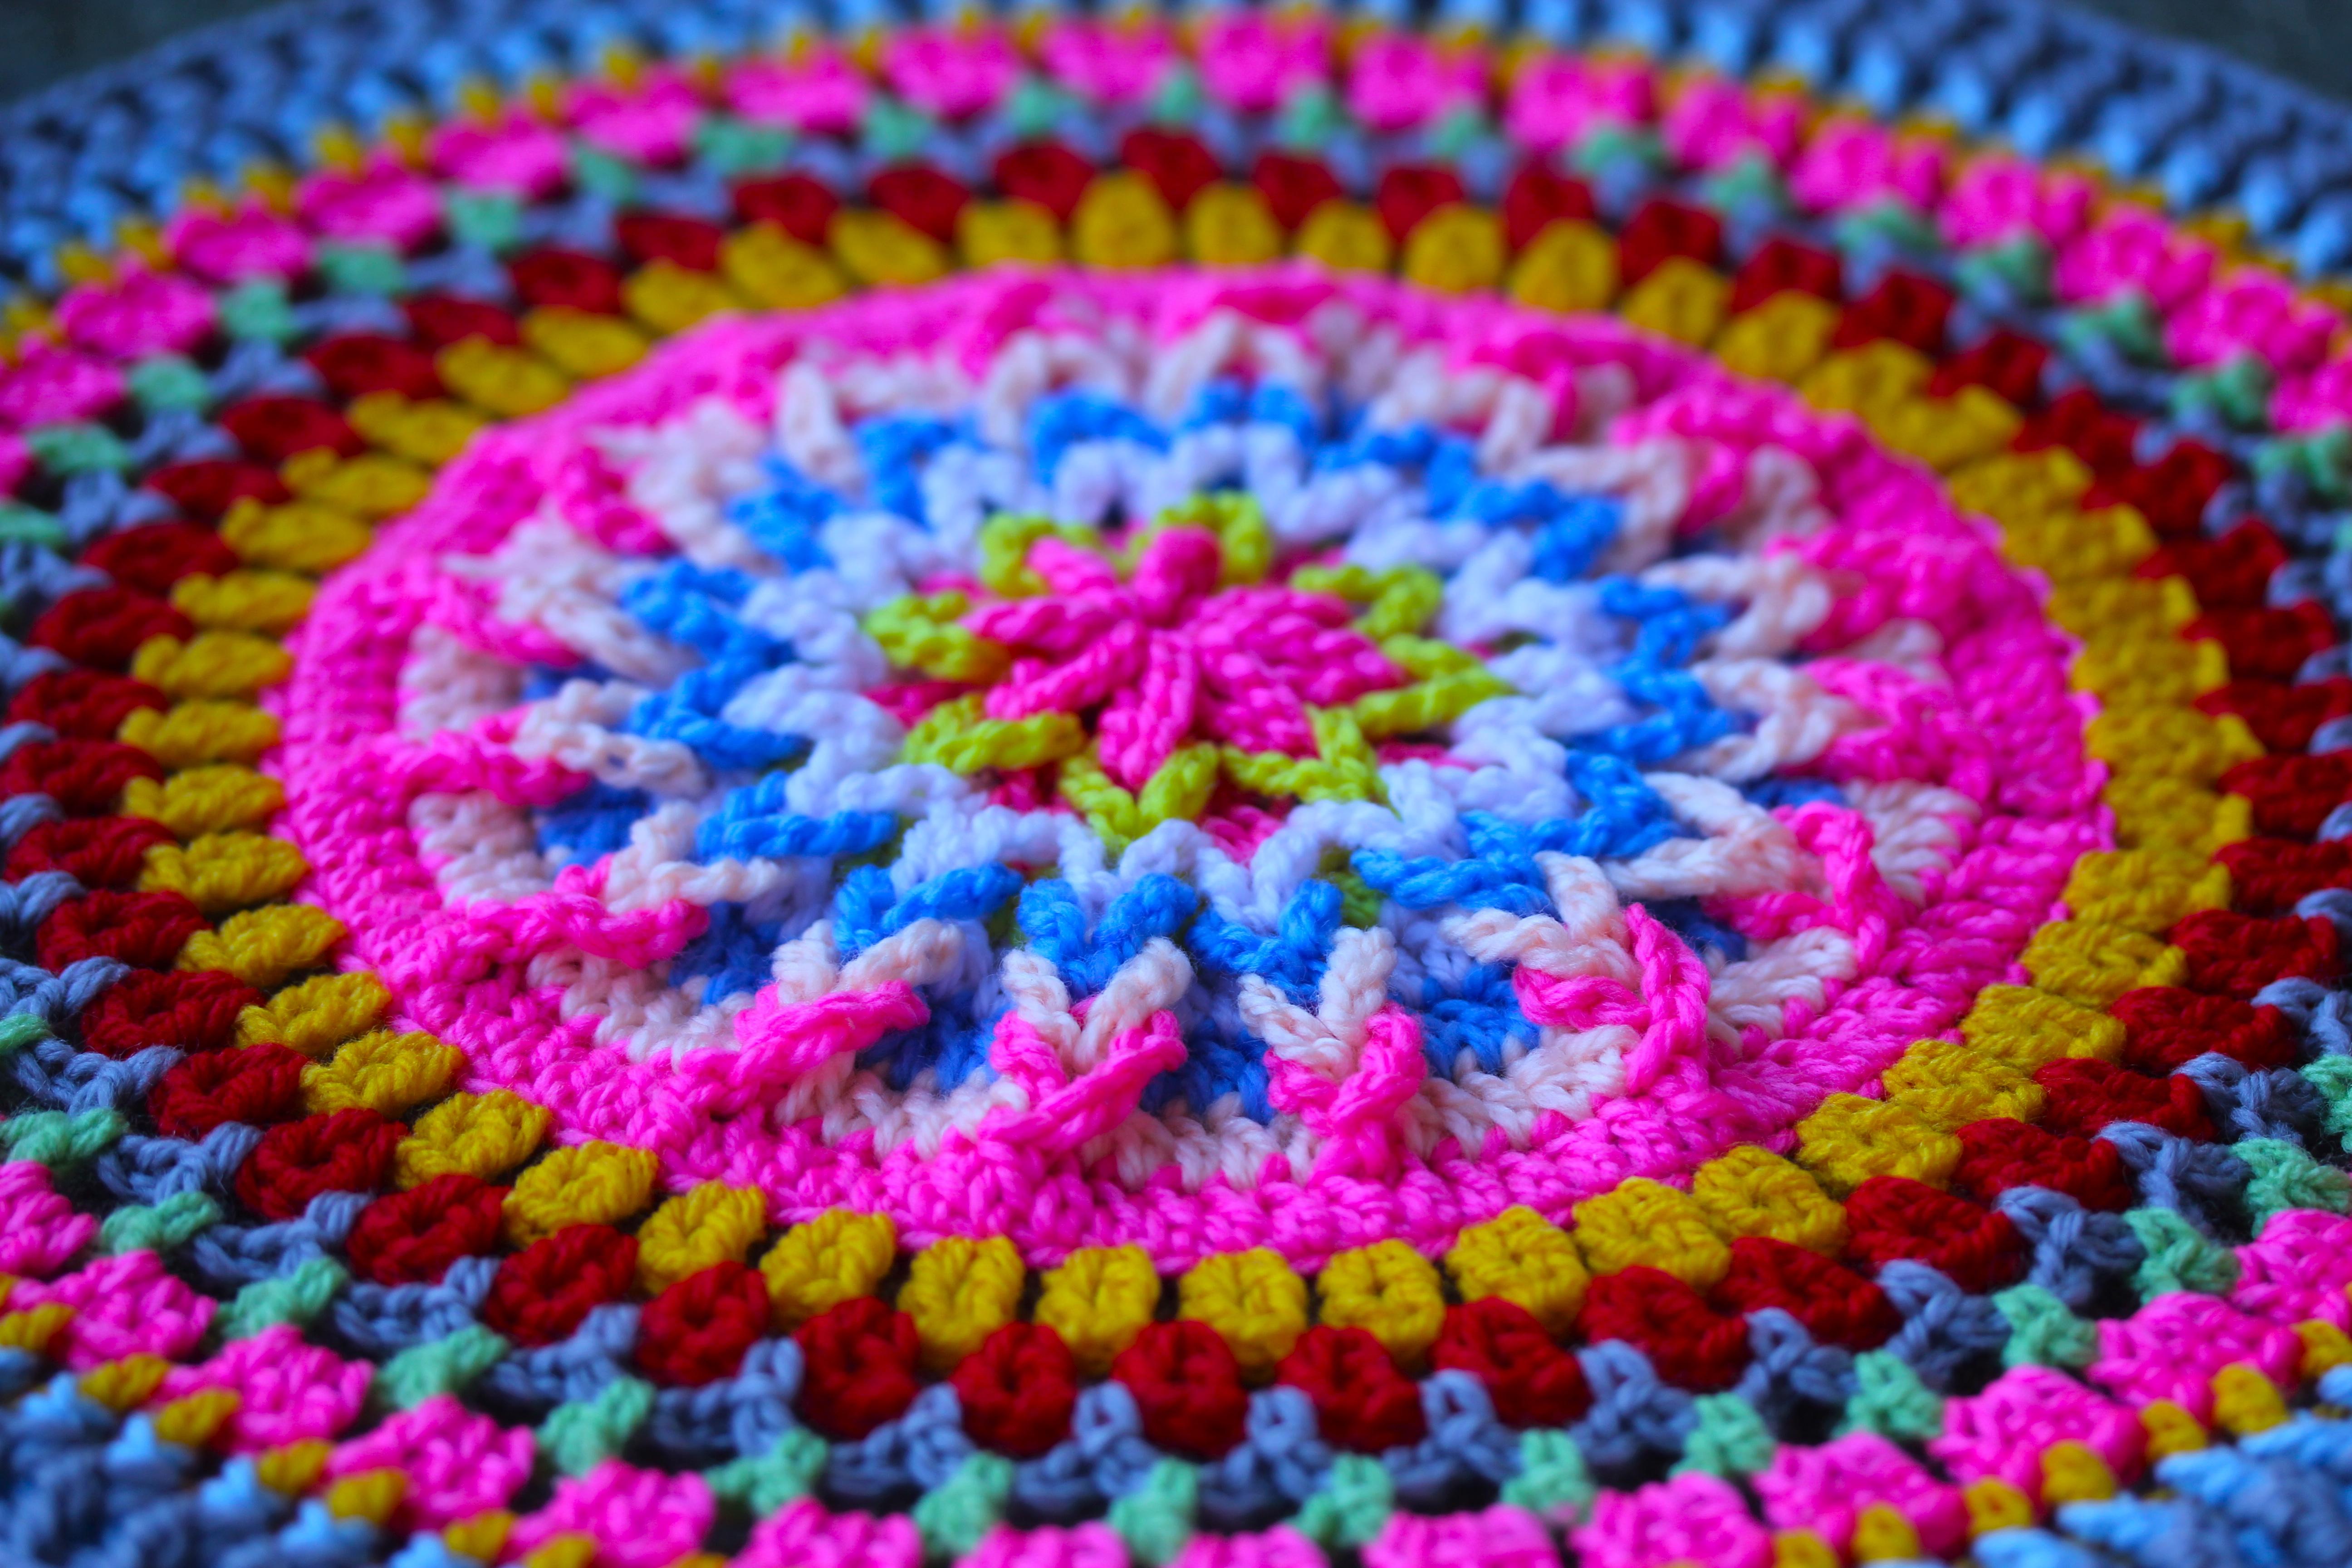 Crochet Class: Make a Mandala Sarah London